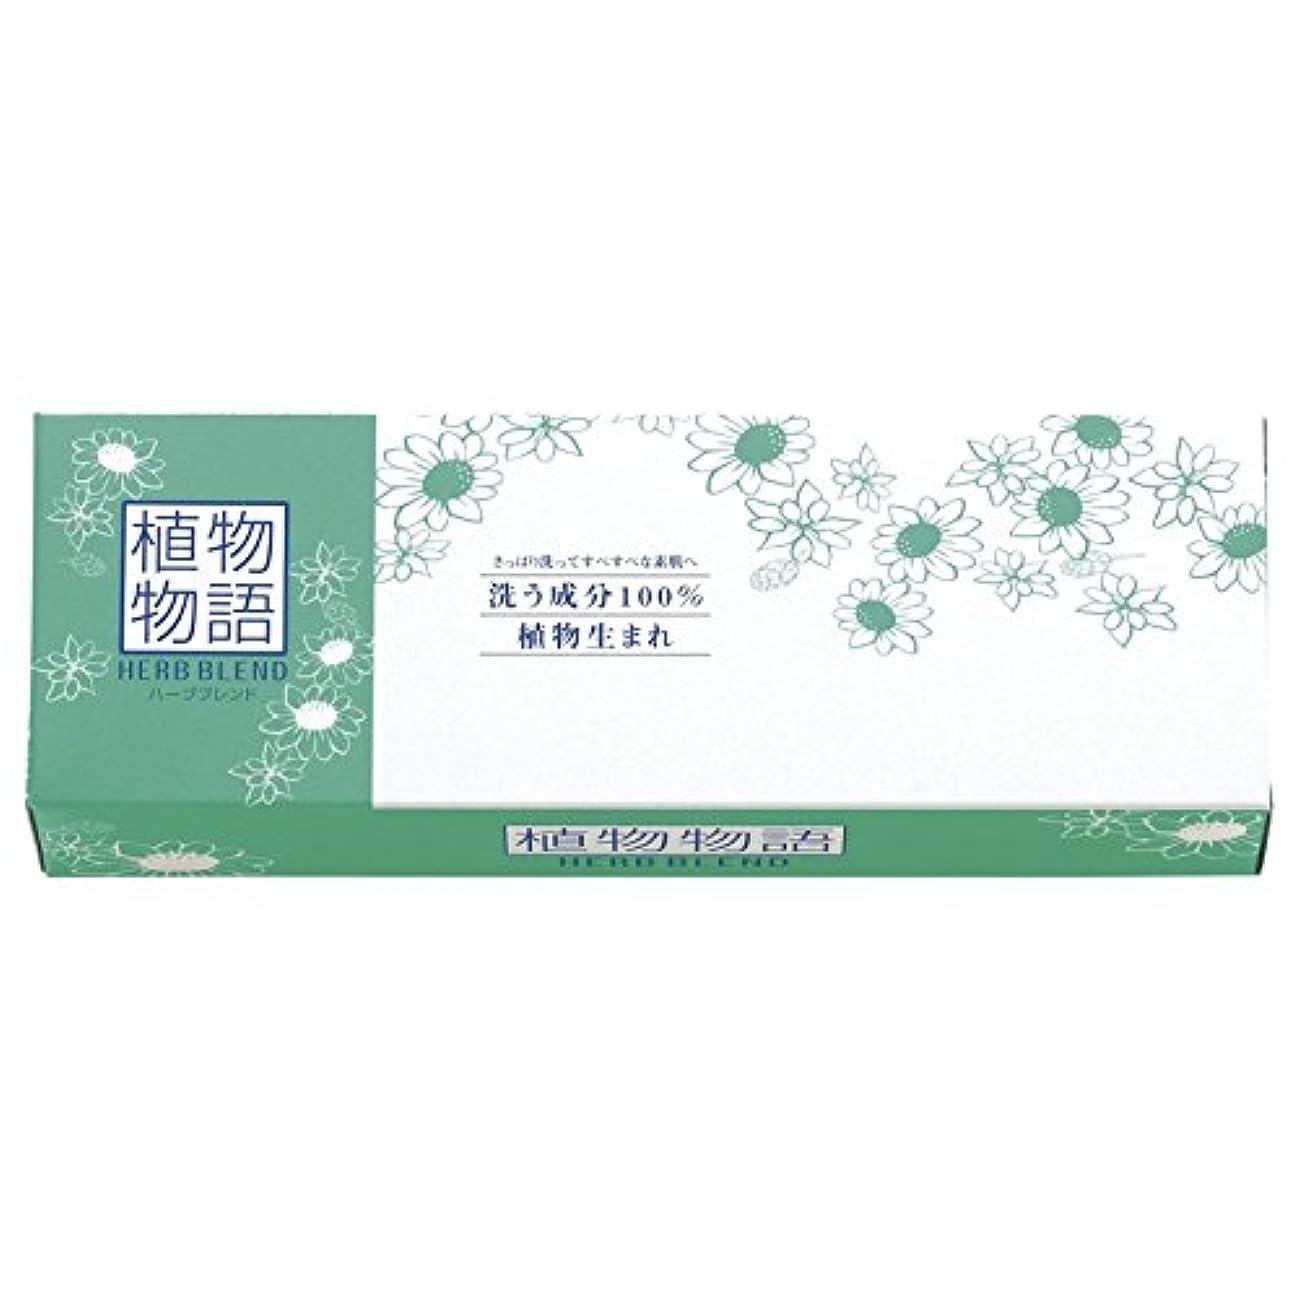 平和的受け入れる学んだライオン 植物物語ハーブブレンド化粧石鹸2個箱 KST802 【粗品 天然素材 ハーブ 2個 固形石鹸 からだ用 ハーブ 優しい お風呂 こども やさしい 石けん せっけん】